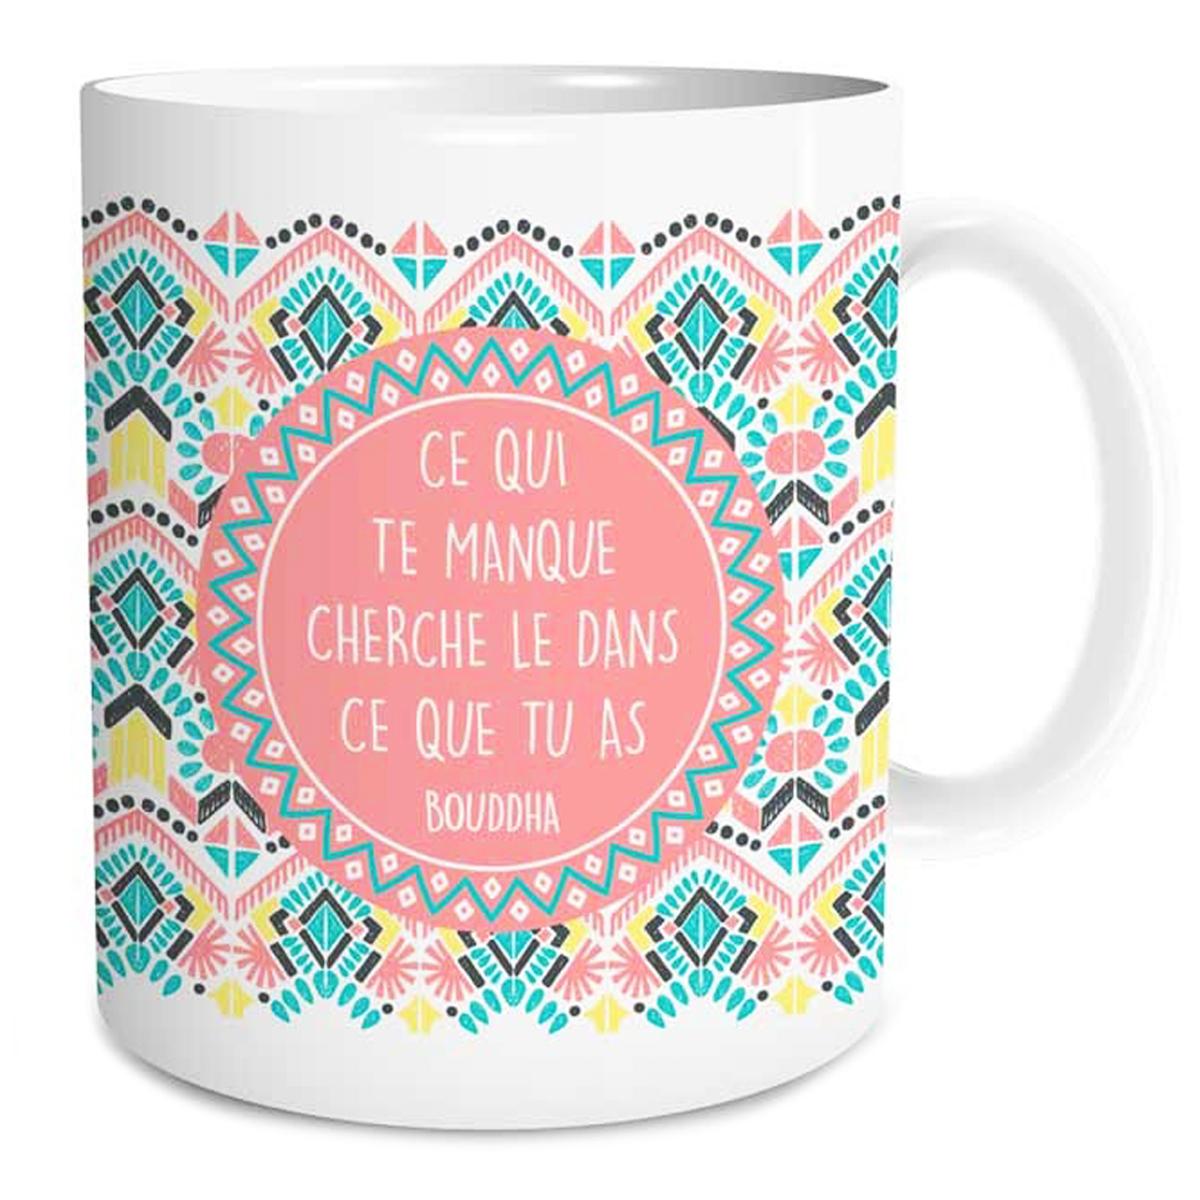 Mug céramique \'Sagesse\' (Ce qui te manque cherche-le dans ce que tu as - Bouddha) - 95x8 cm - [Q3656]